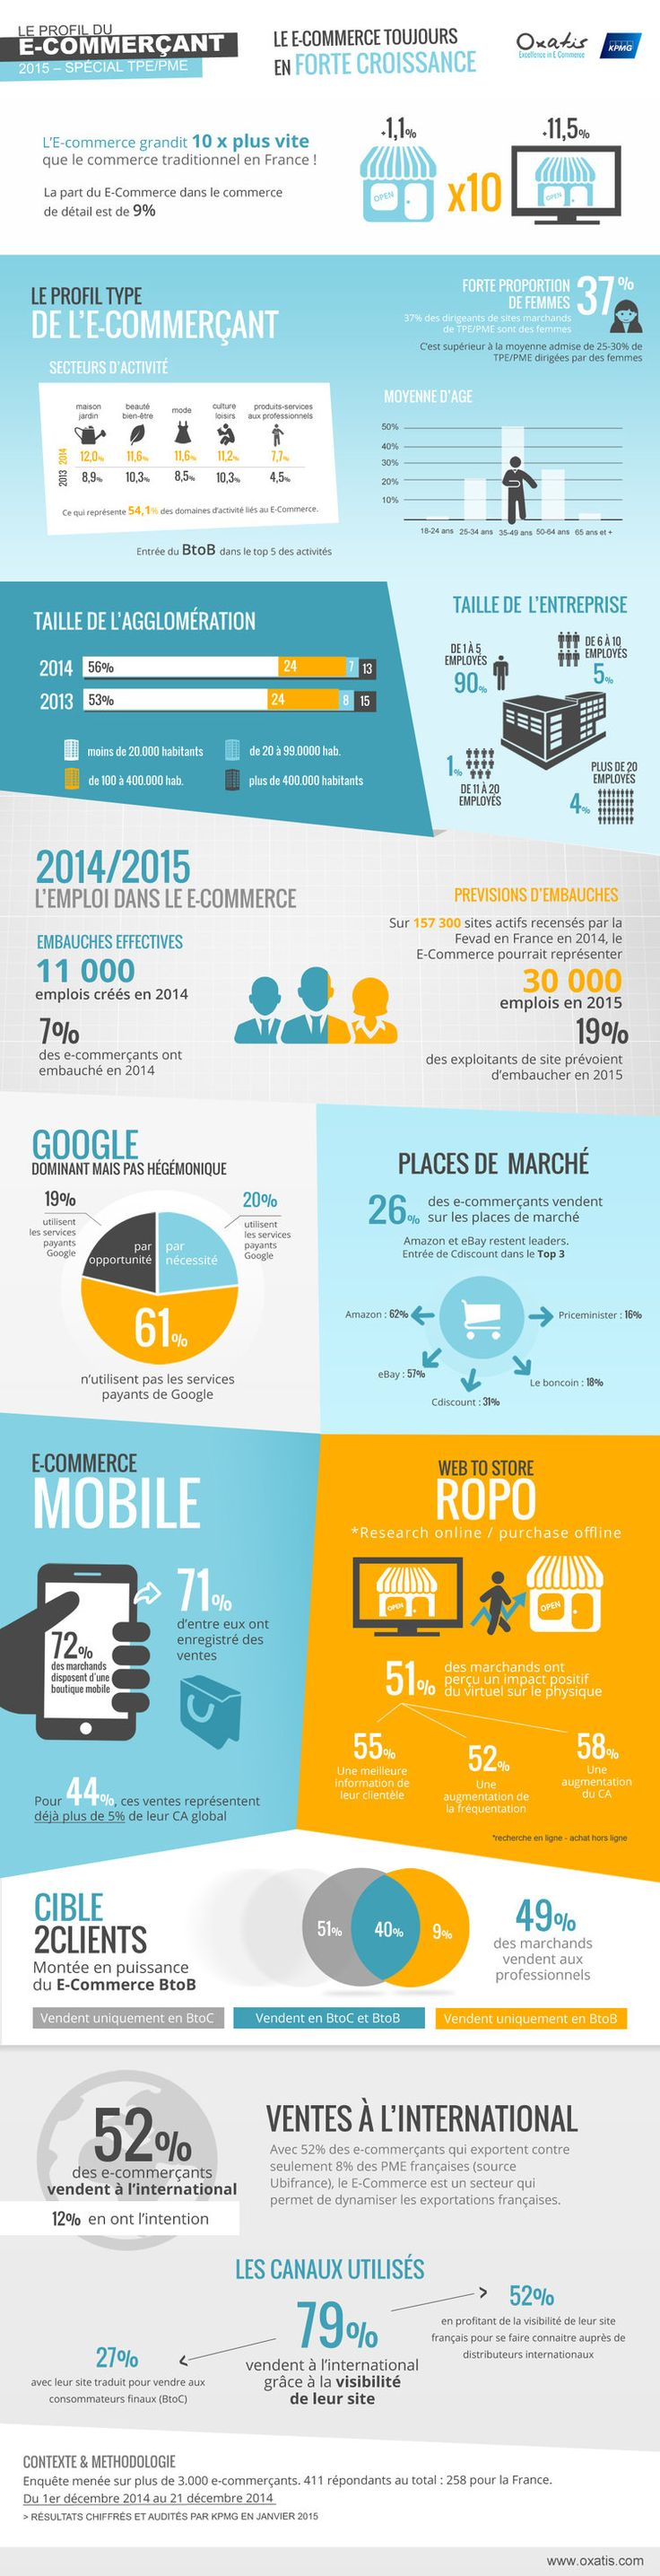 #infographie : le profil type du e-commerçant en 2015 #Ecommerce